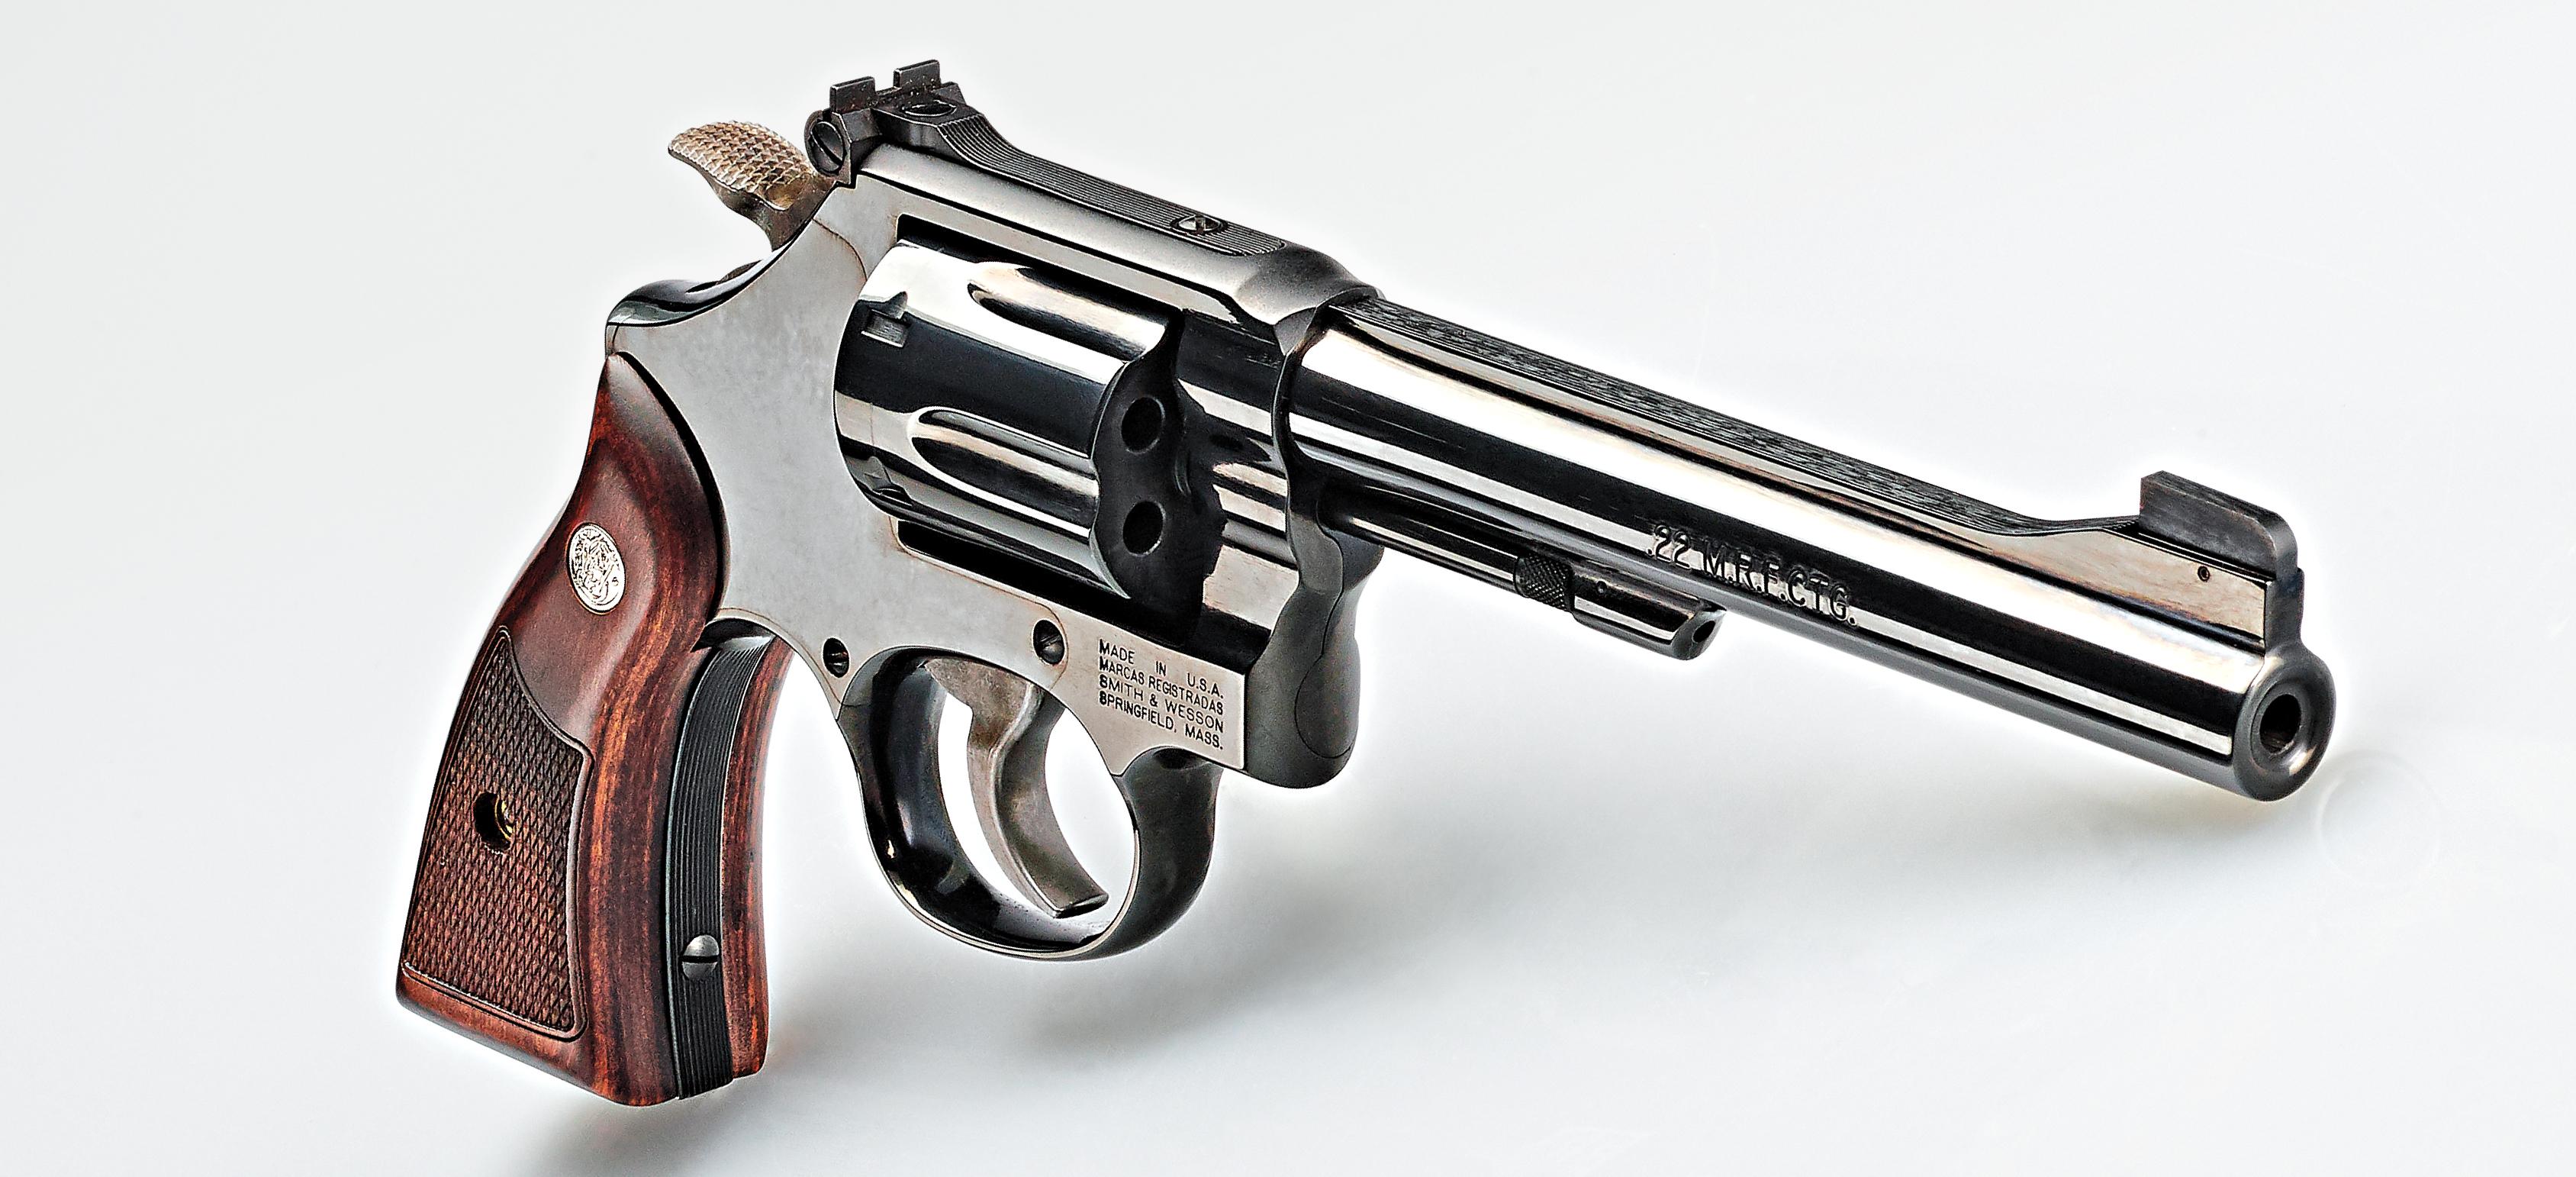 S&W Model 17